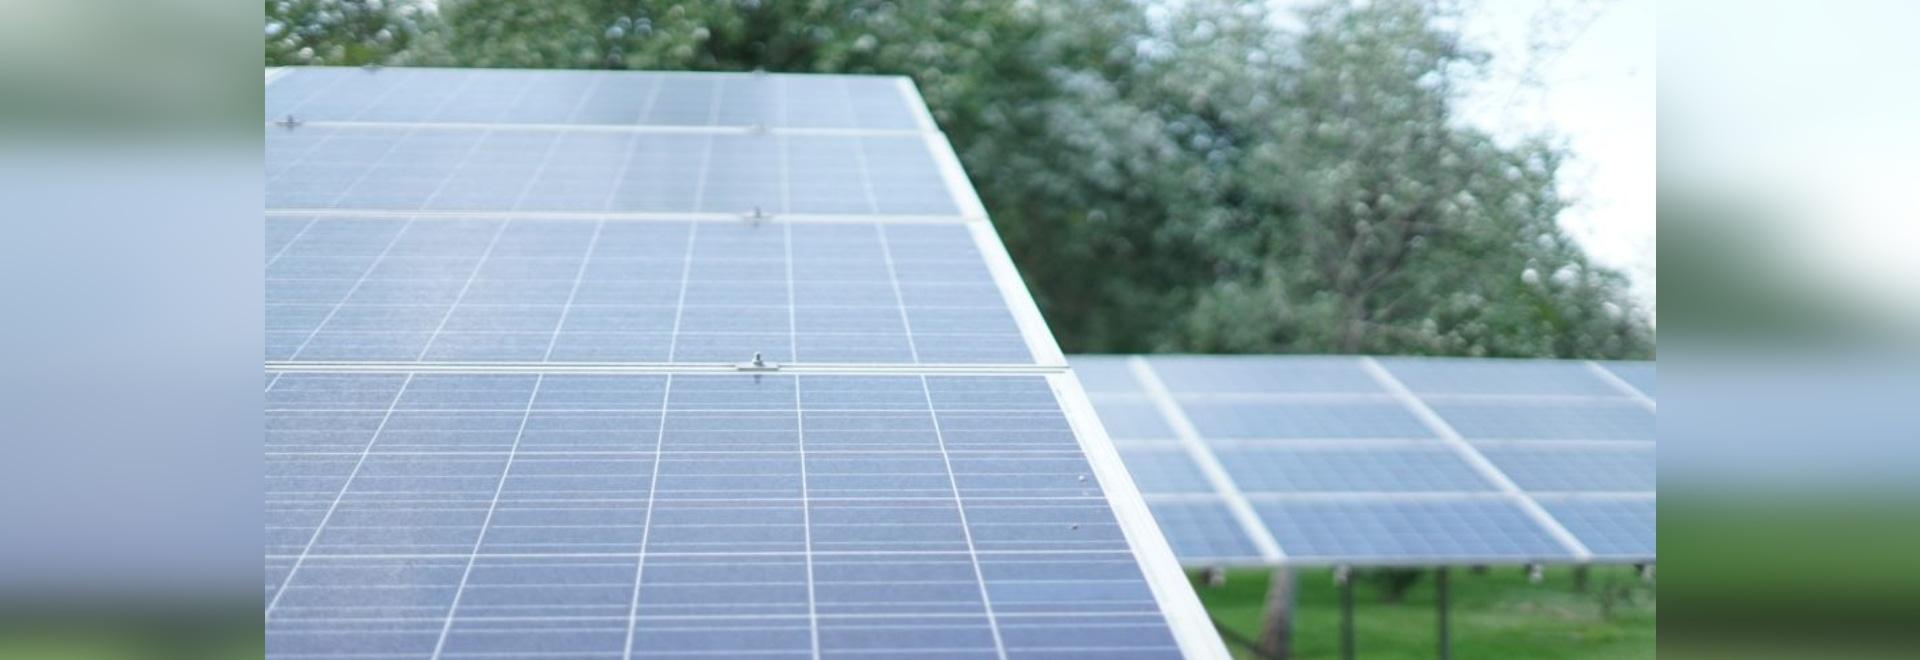 Cosa possono fare gli installatori di pannelli solari in un contesto di prezzi decrescenti?